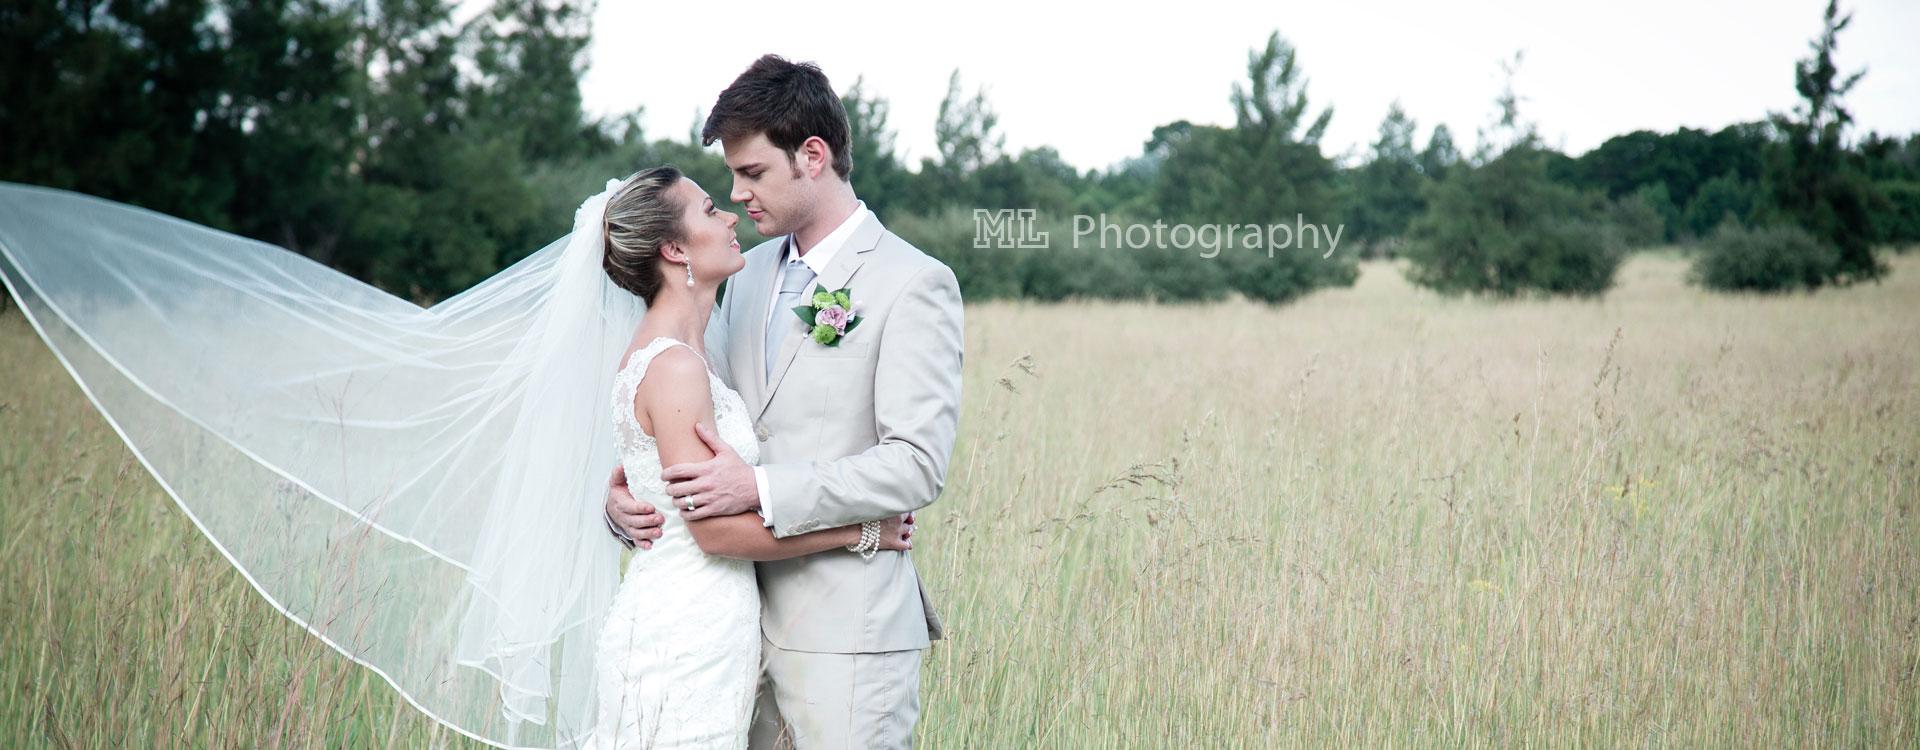 mlphotography-wedding-photoshoot